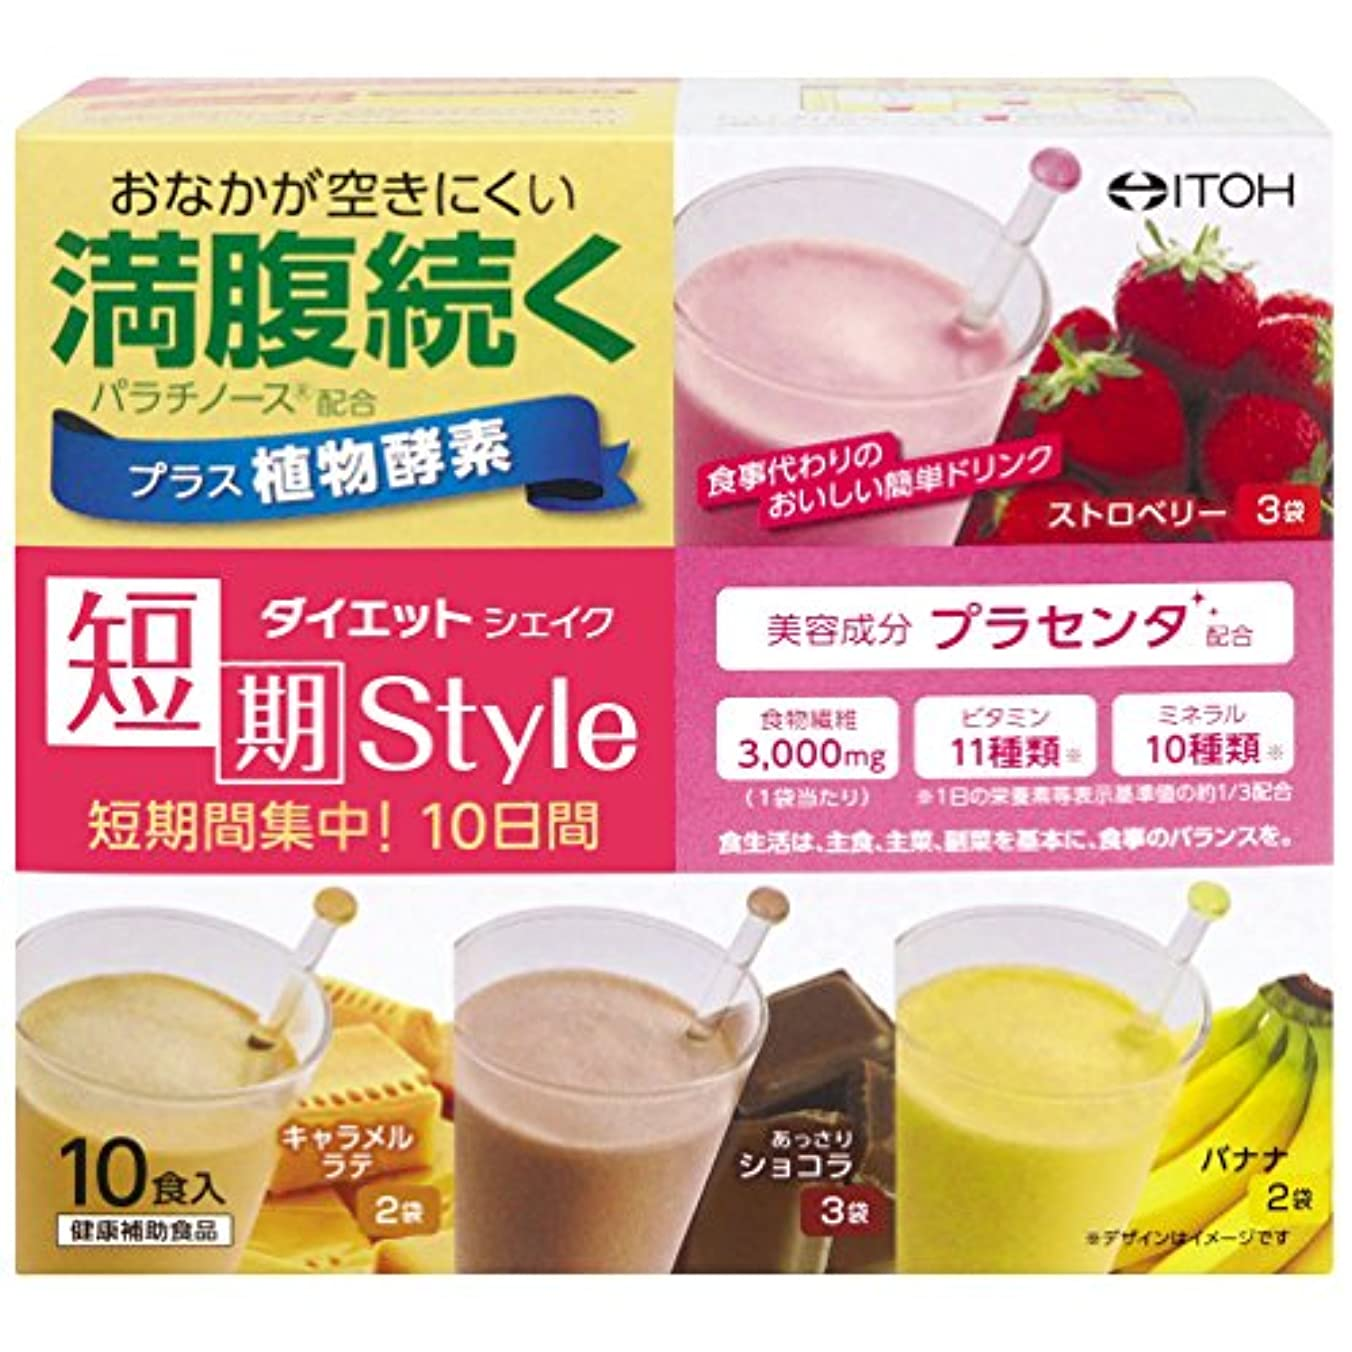 豊かなプラスマーキング井藤漢方製薬 短期スタイル ダイエットシェイク 10食分 25gX10袋